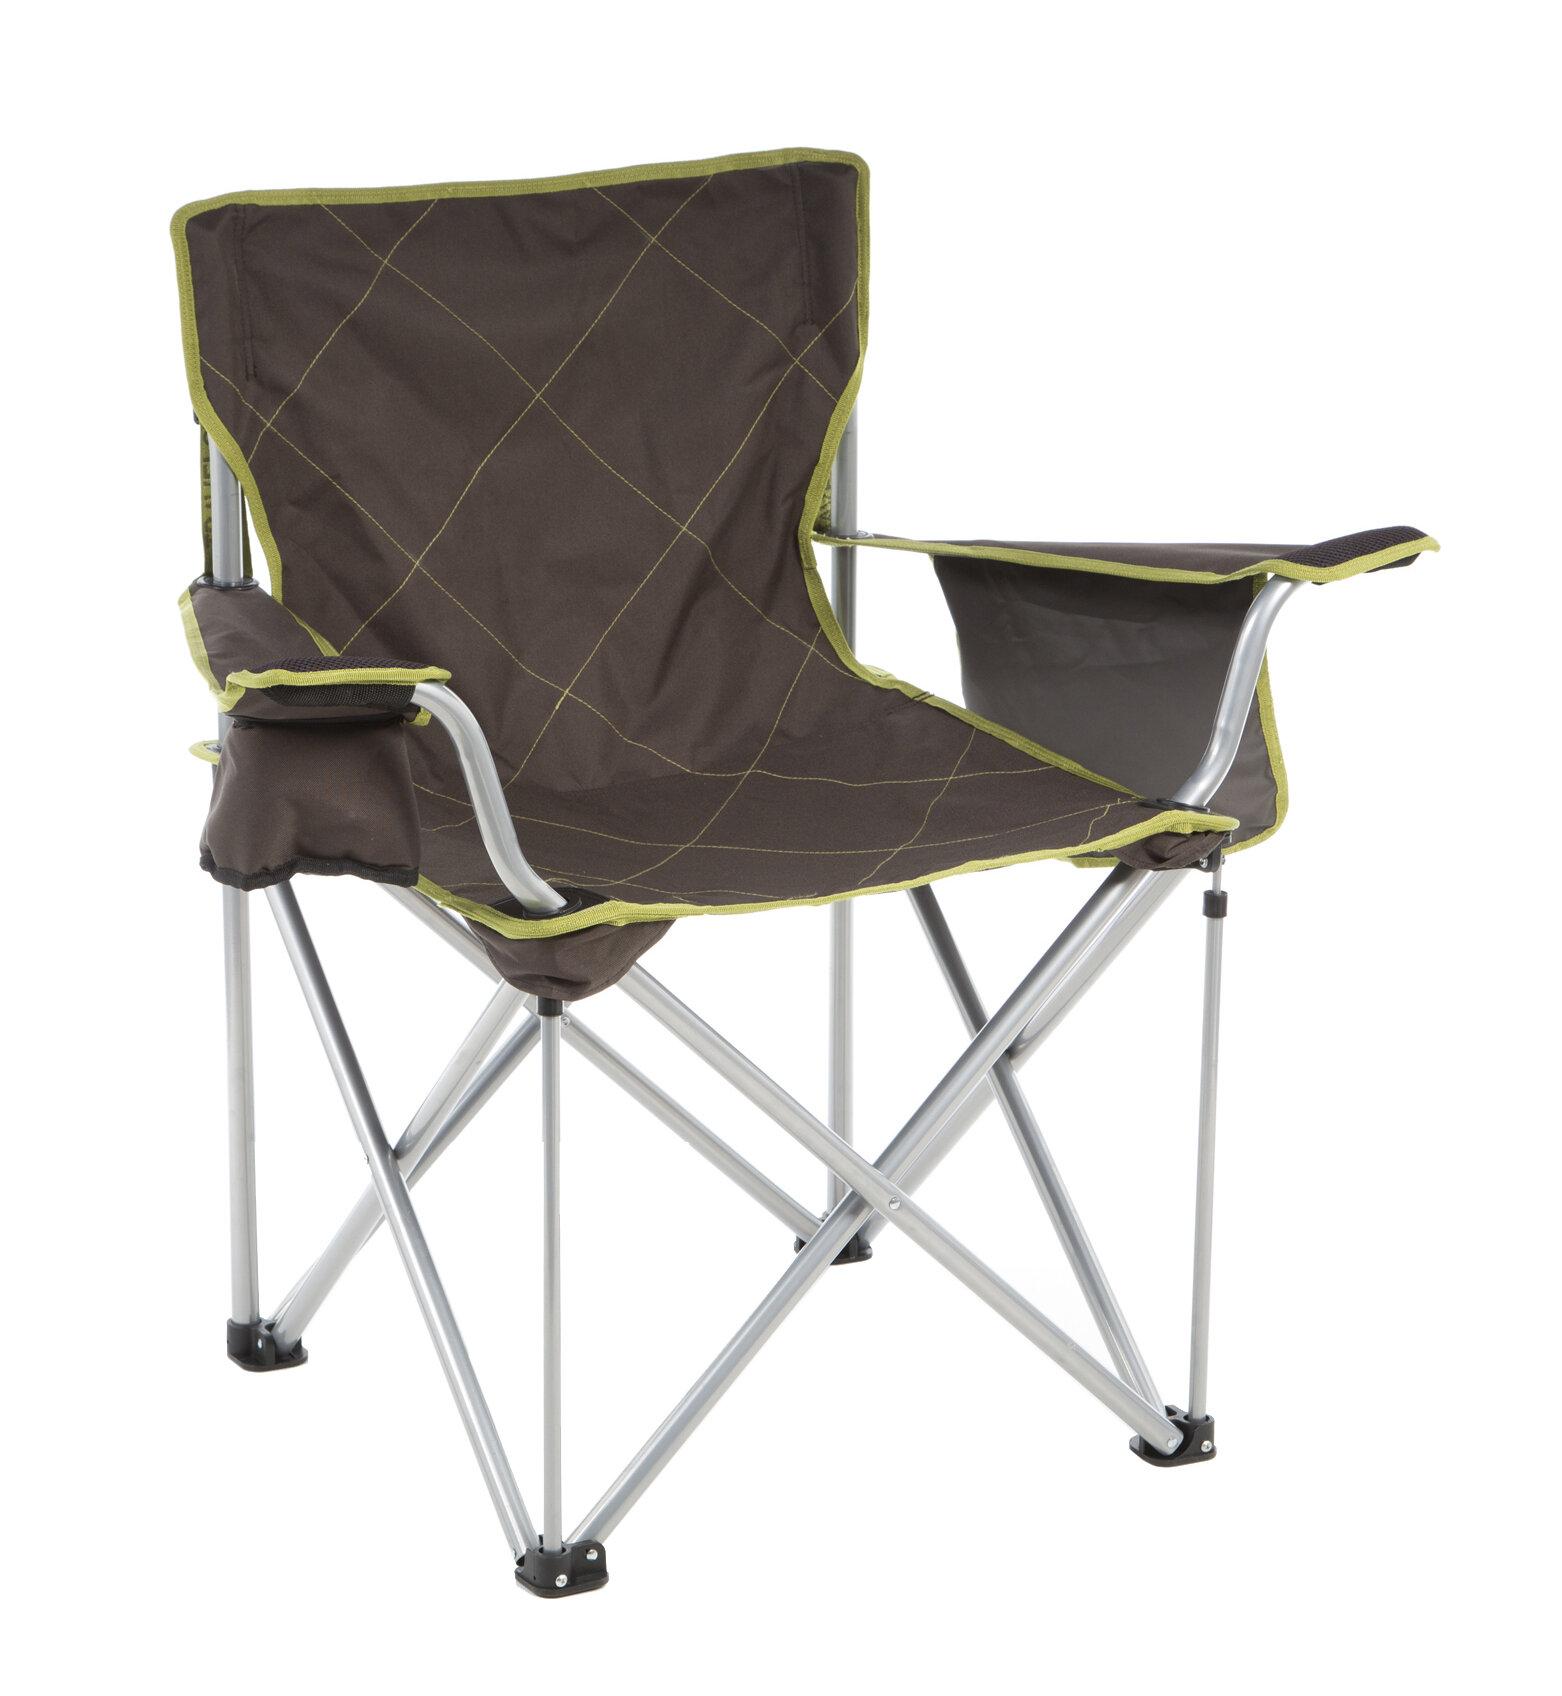 Folding Travel Chair Summervilleaugusta Org